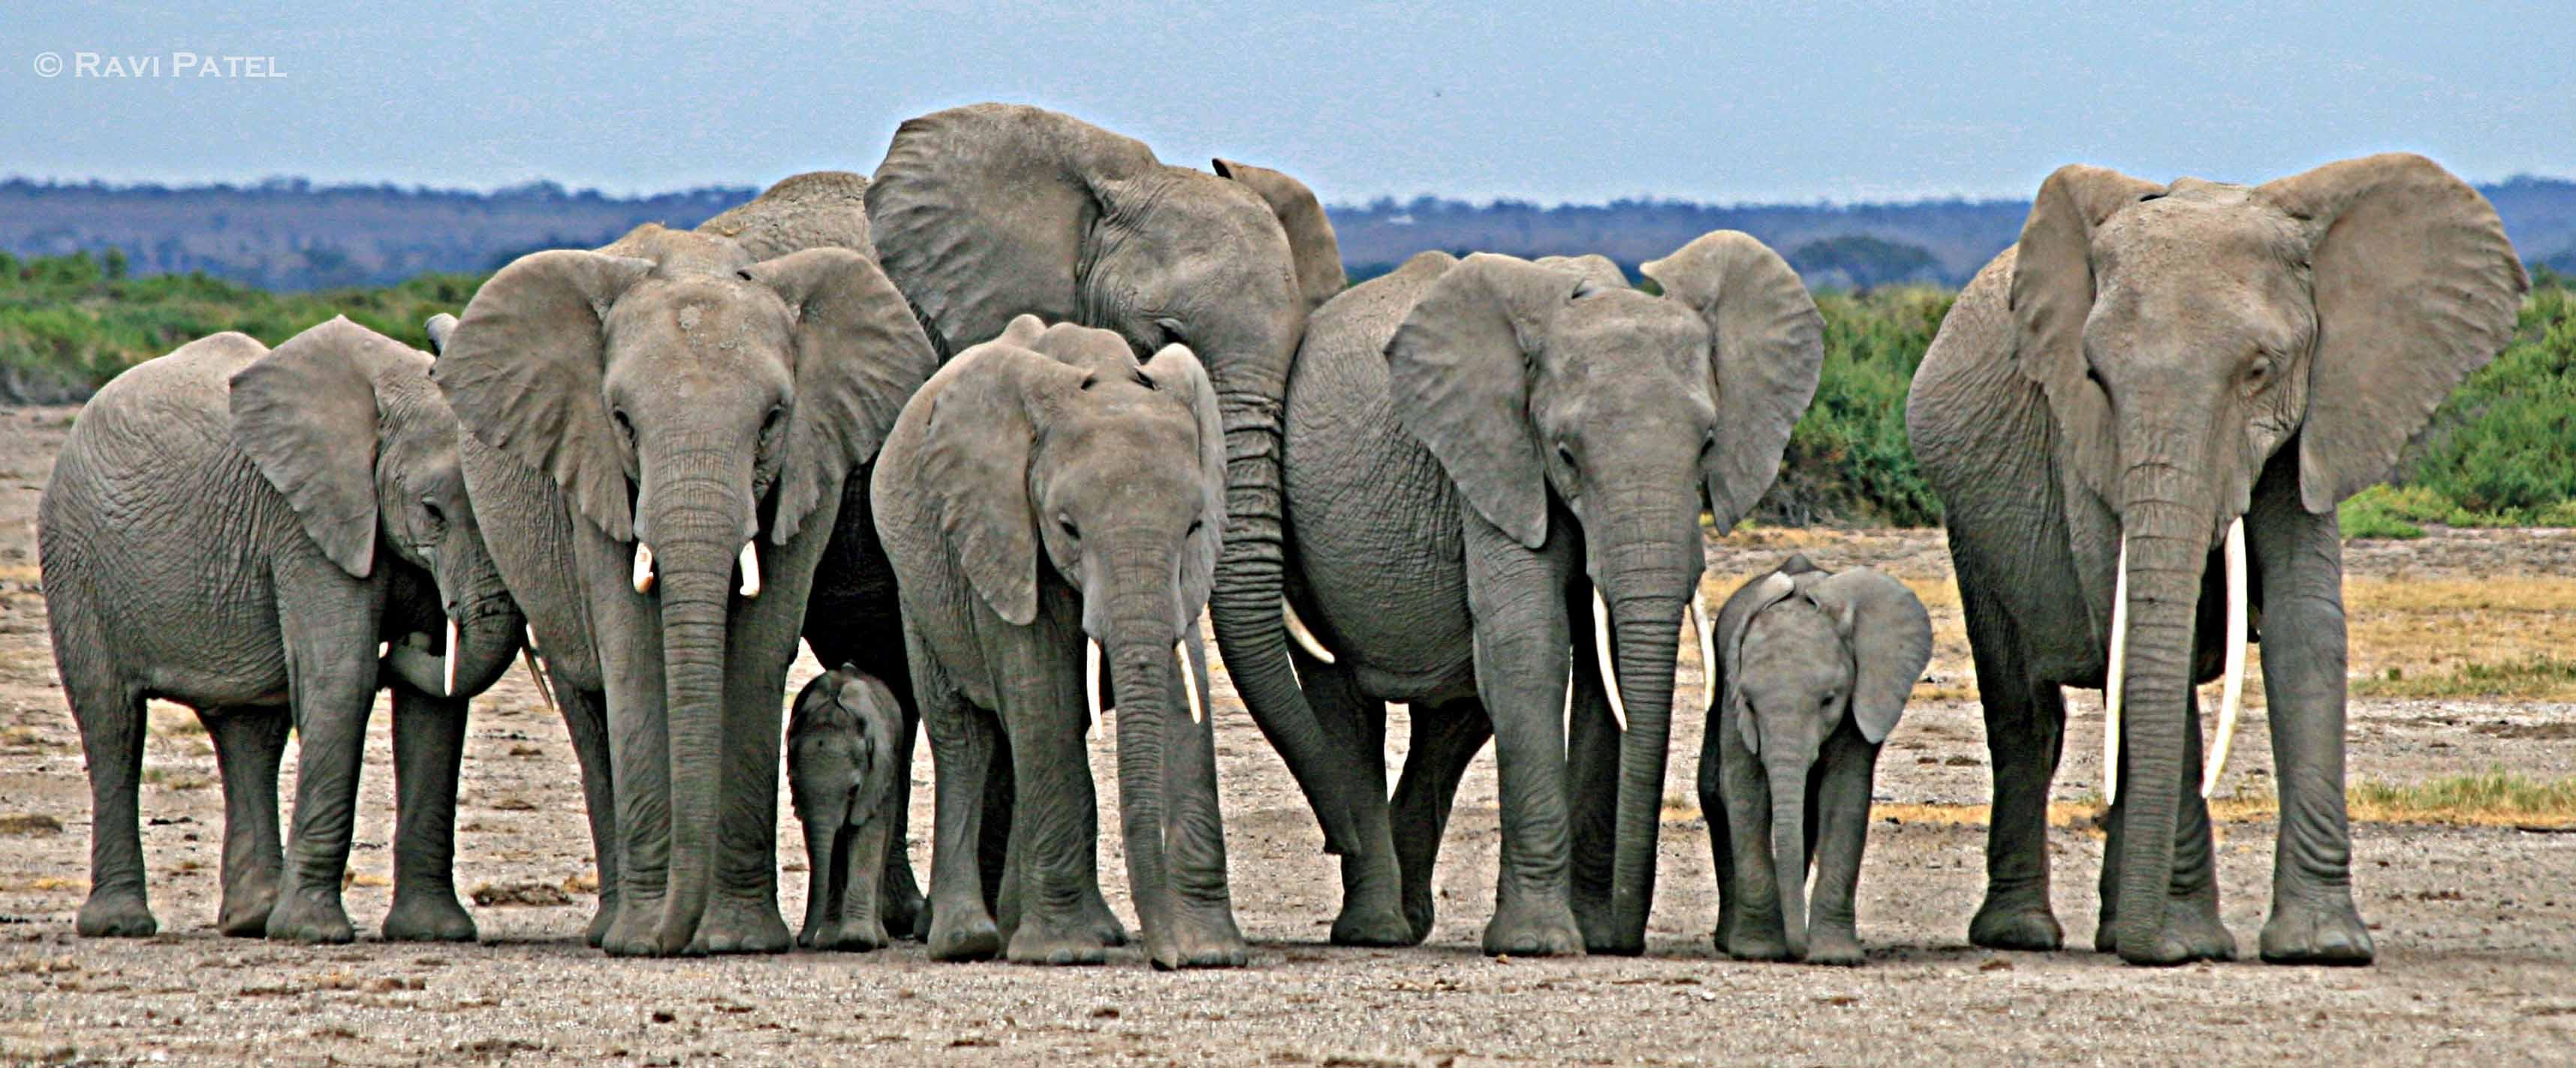 Elephants  Photos by Ravi